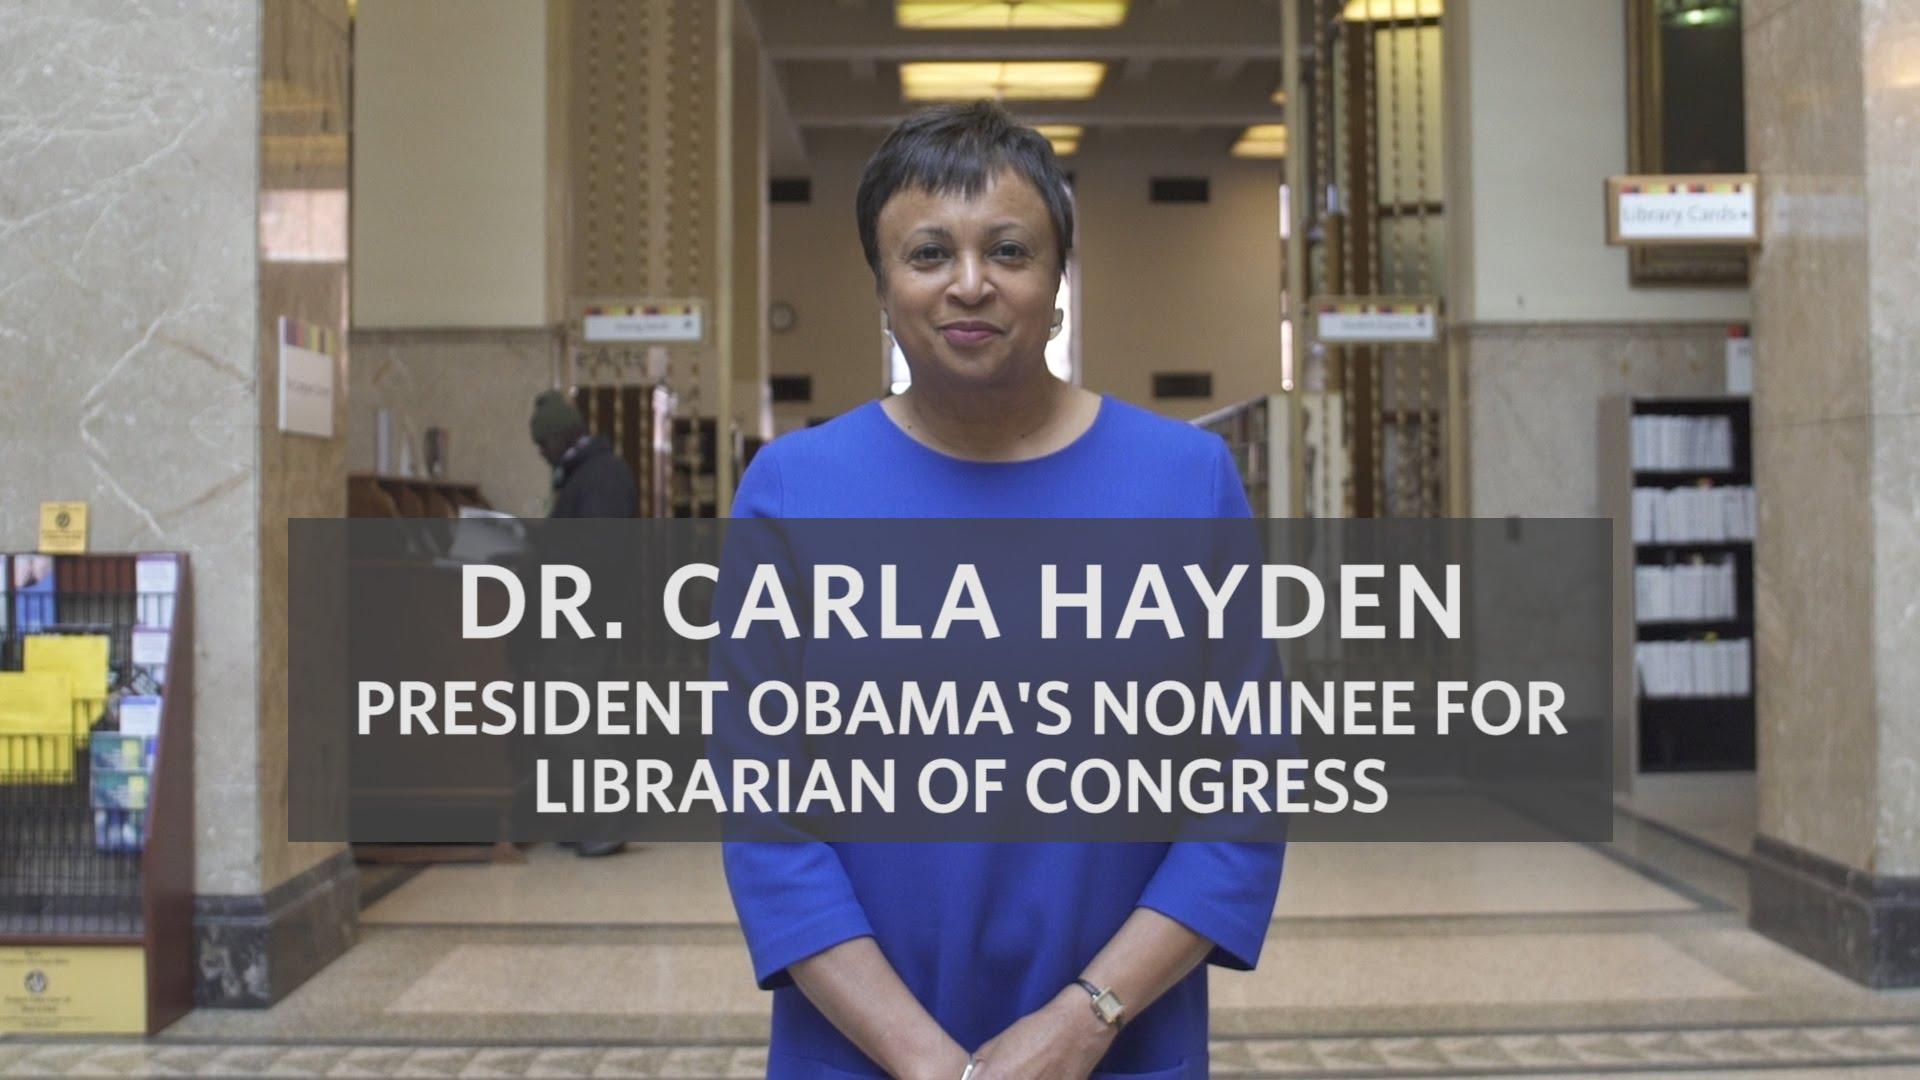 Carla Hayden